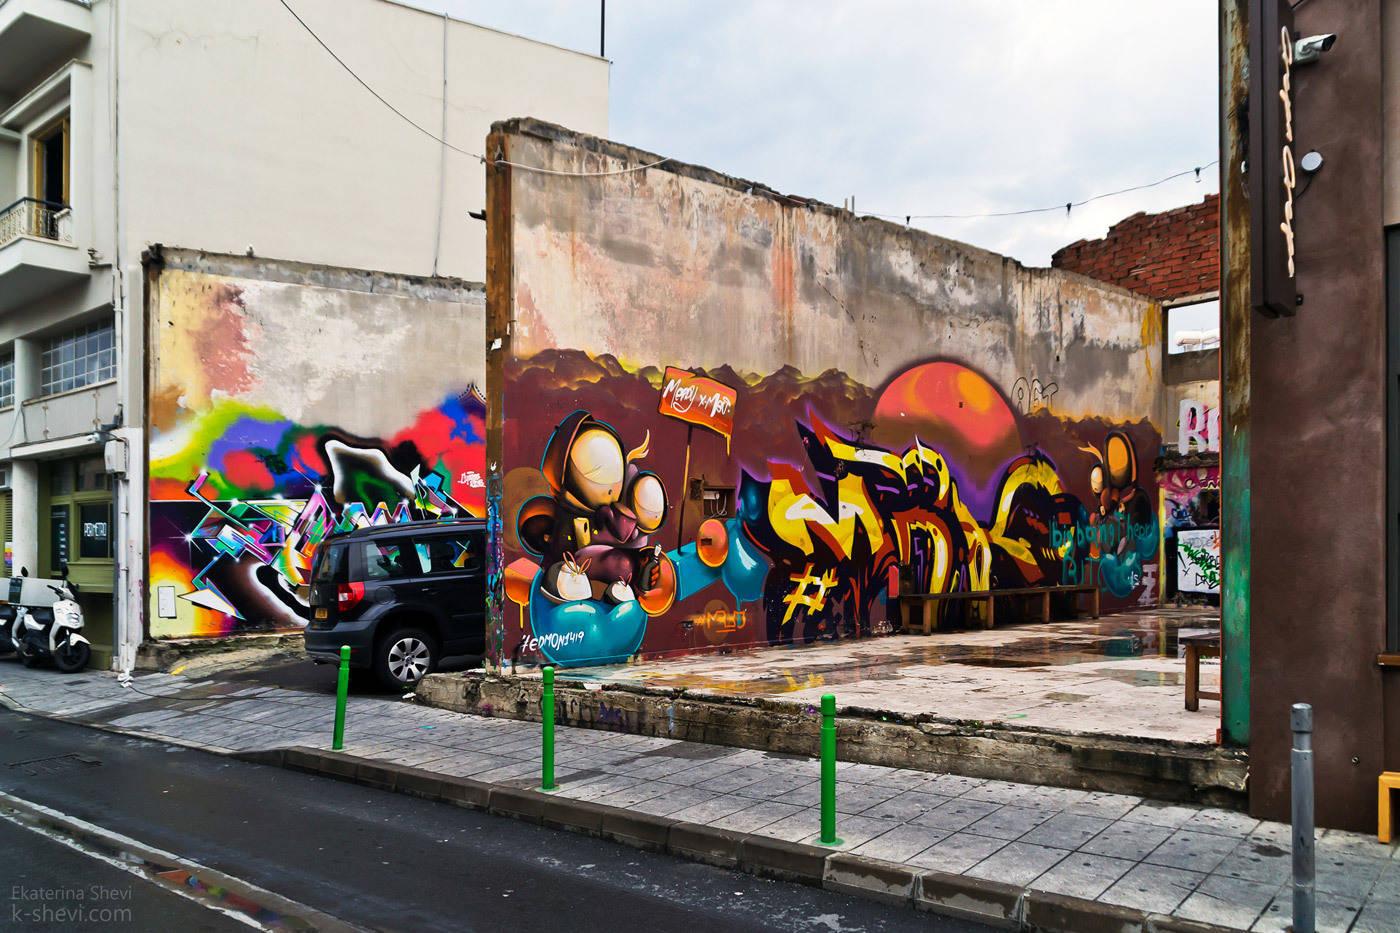 То ли парковка, то ли беседка.... И ощущение, что любой город, любая, даже самая мрачная стена или забор может стать украшением и достопримечательностью.